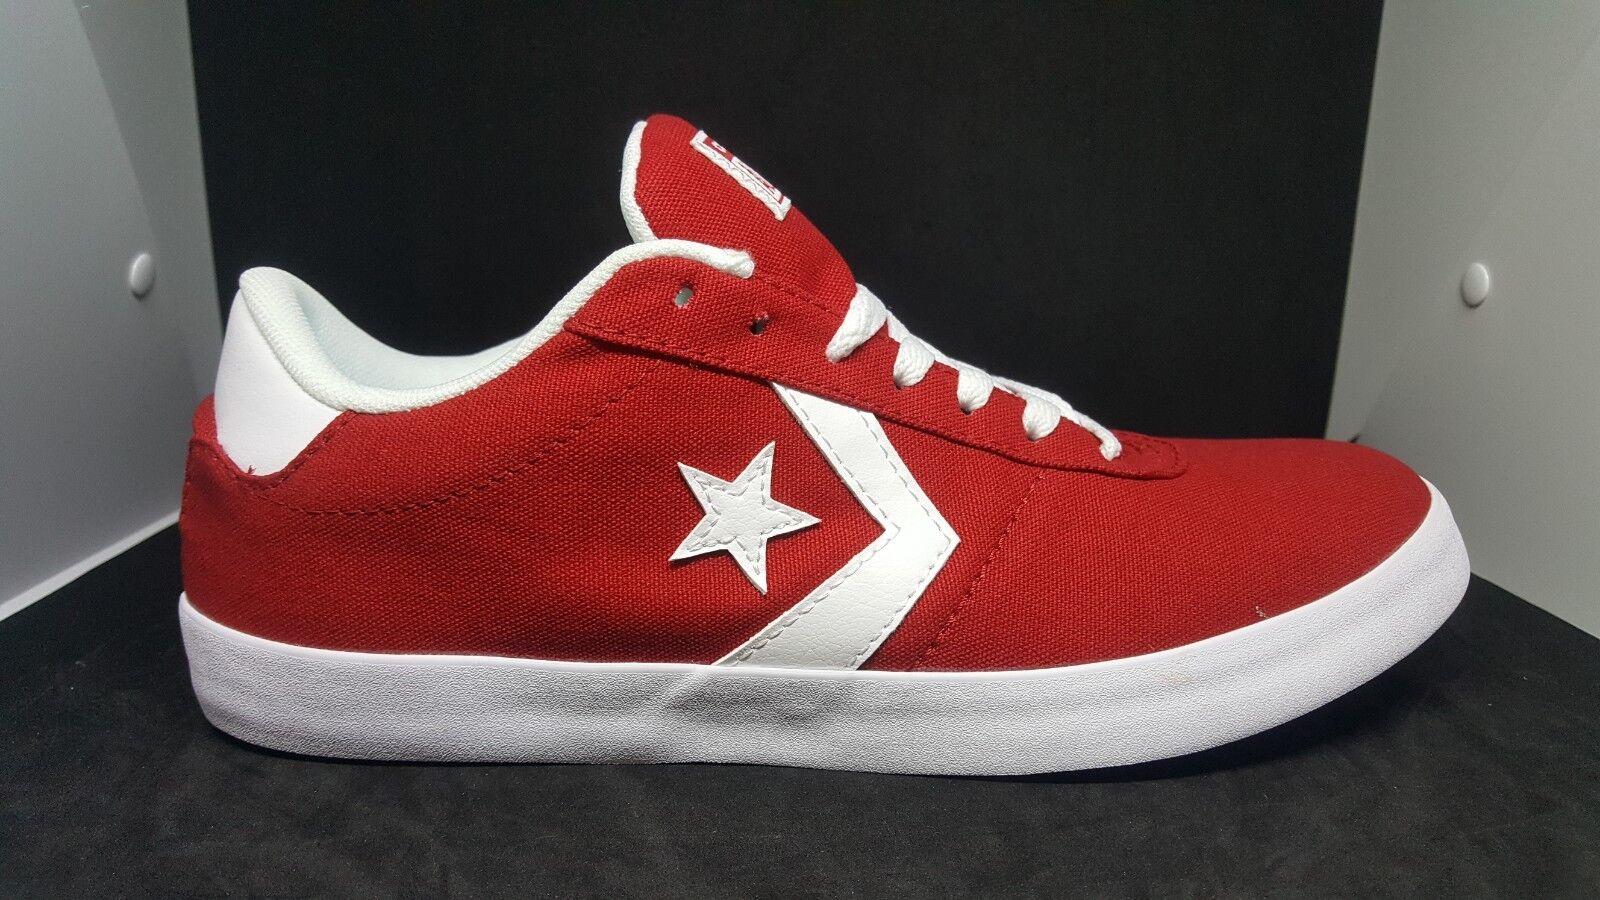 Tenis De Lona Converse Rojo/blanco, Punto Estrella Gimnasio Rojo/Gimnasio Rojo/blanco, Converse para hombres 8para mujer 9.5 f24498